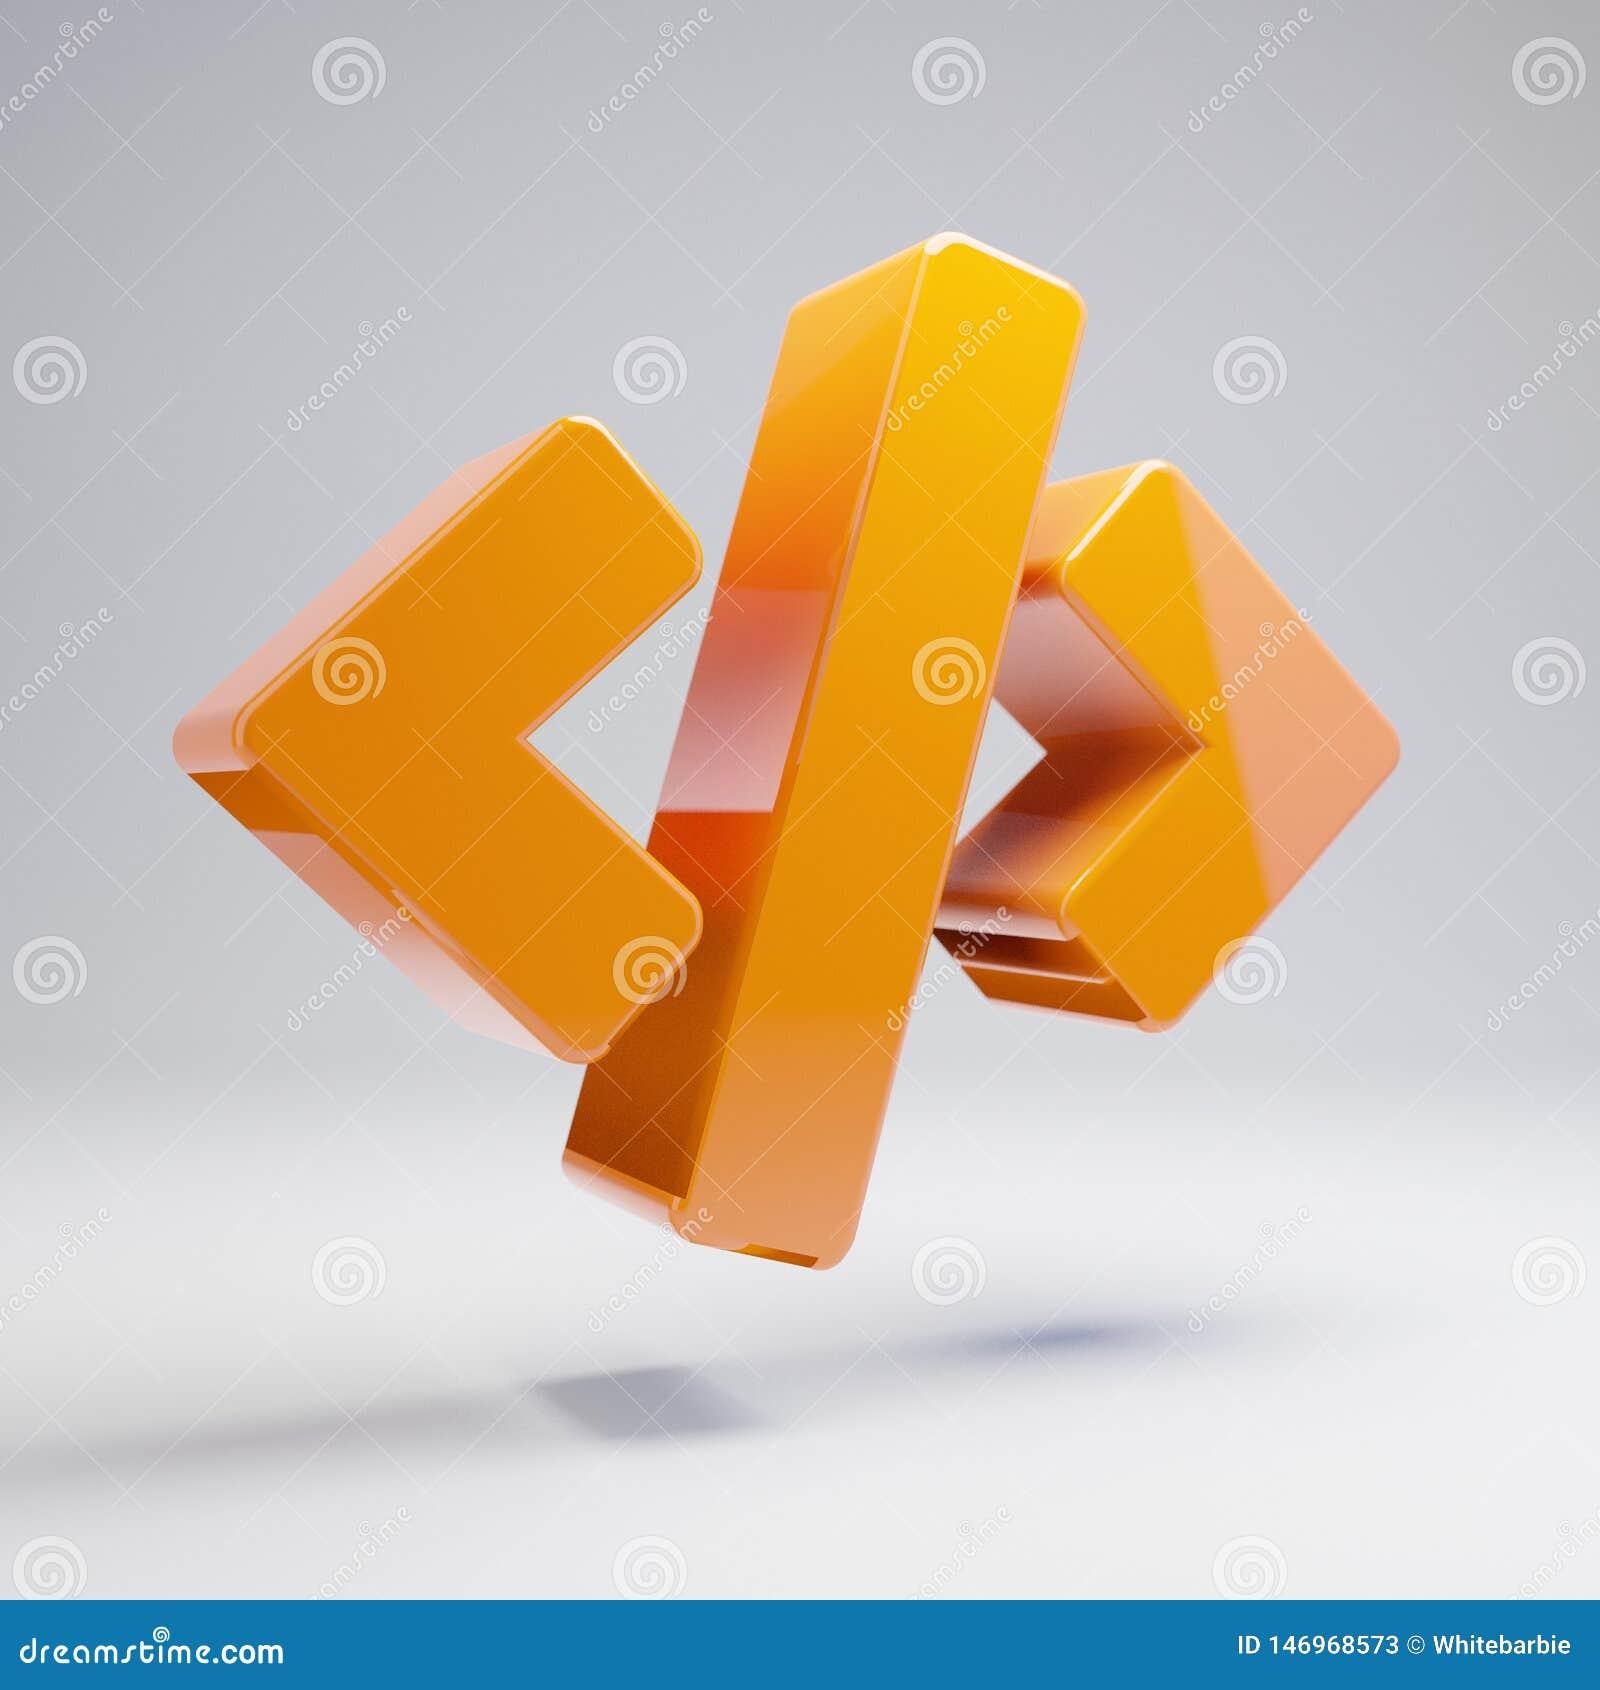 Volumetric glossy hot orange Code icon isolated on white background